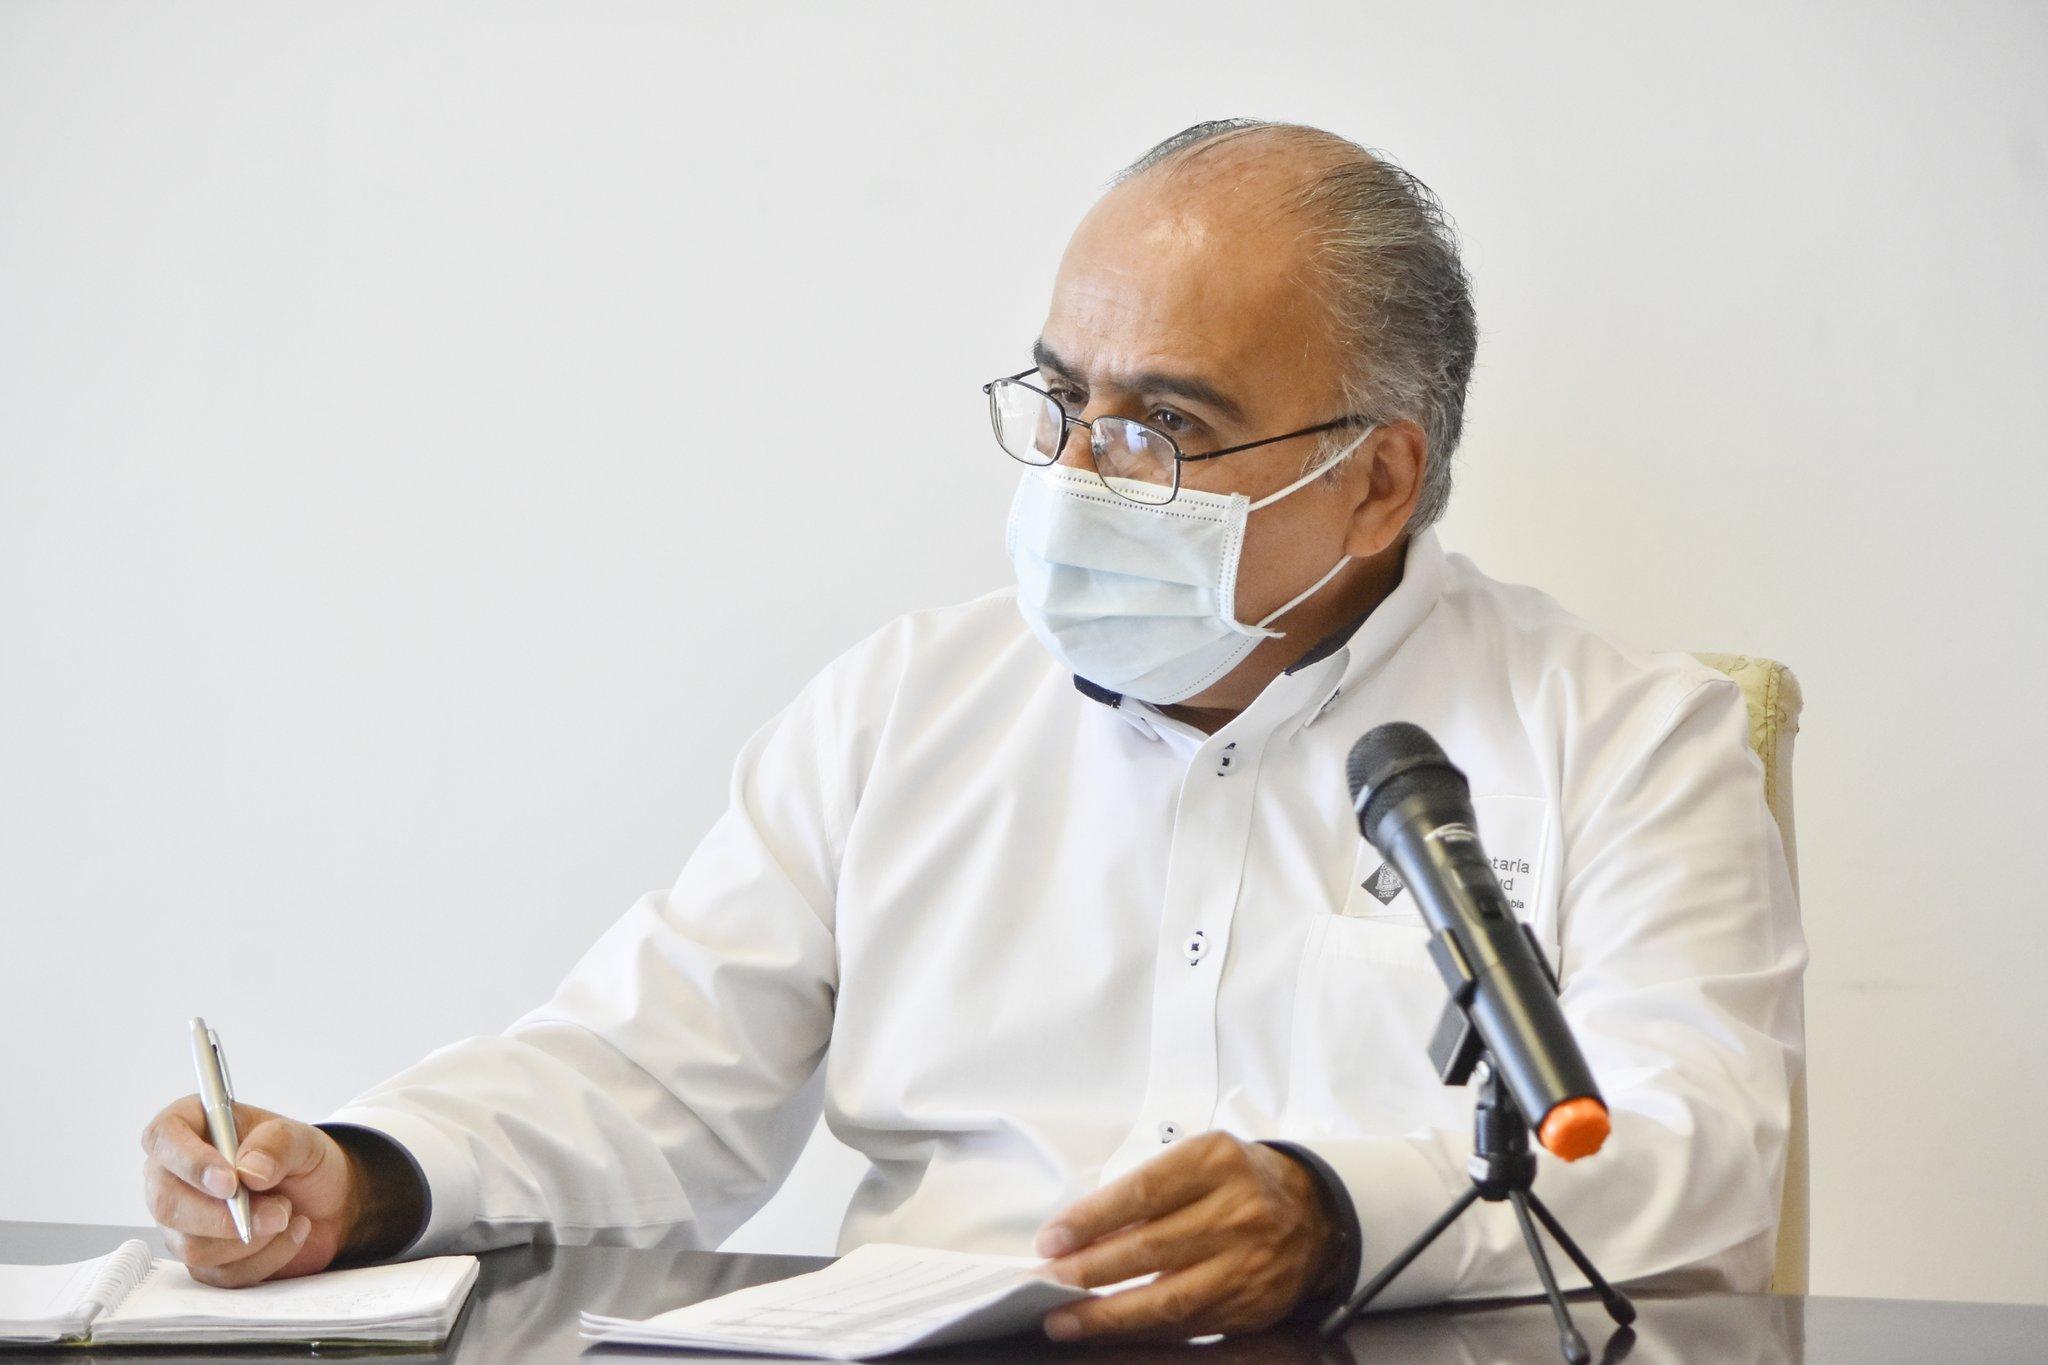 FORTALECIDO , EL SISTEMA HOSPITALARIO PARA ENFRENTAR EL COVID-19: SECRETARÍA DE SALUD